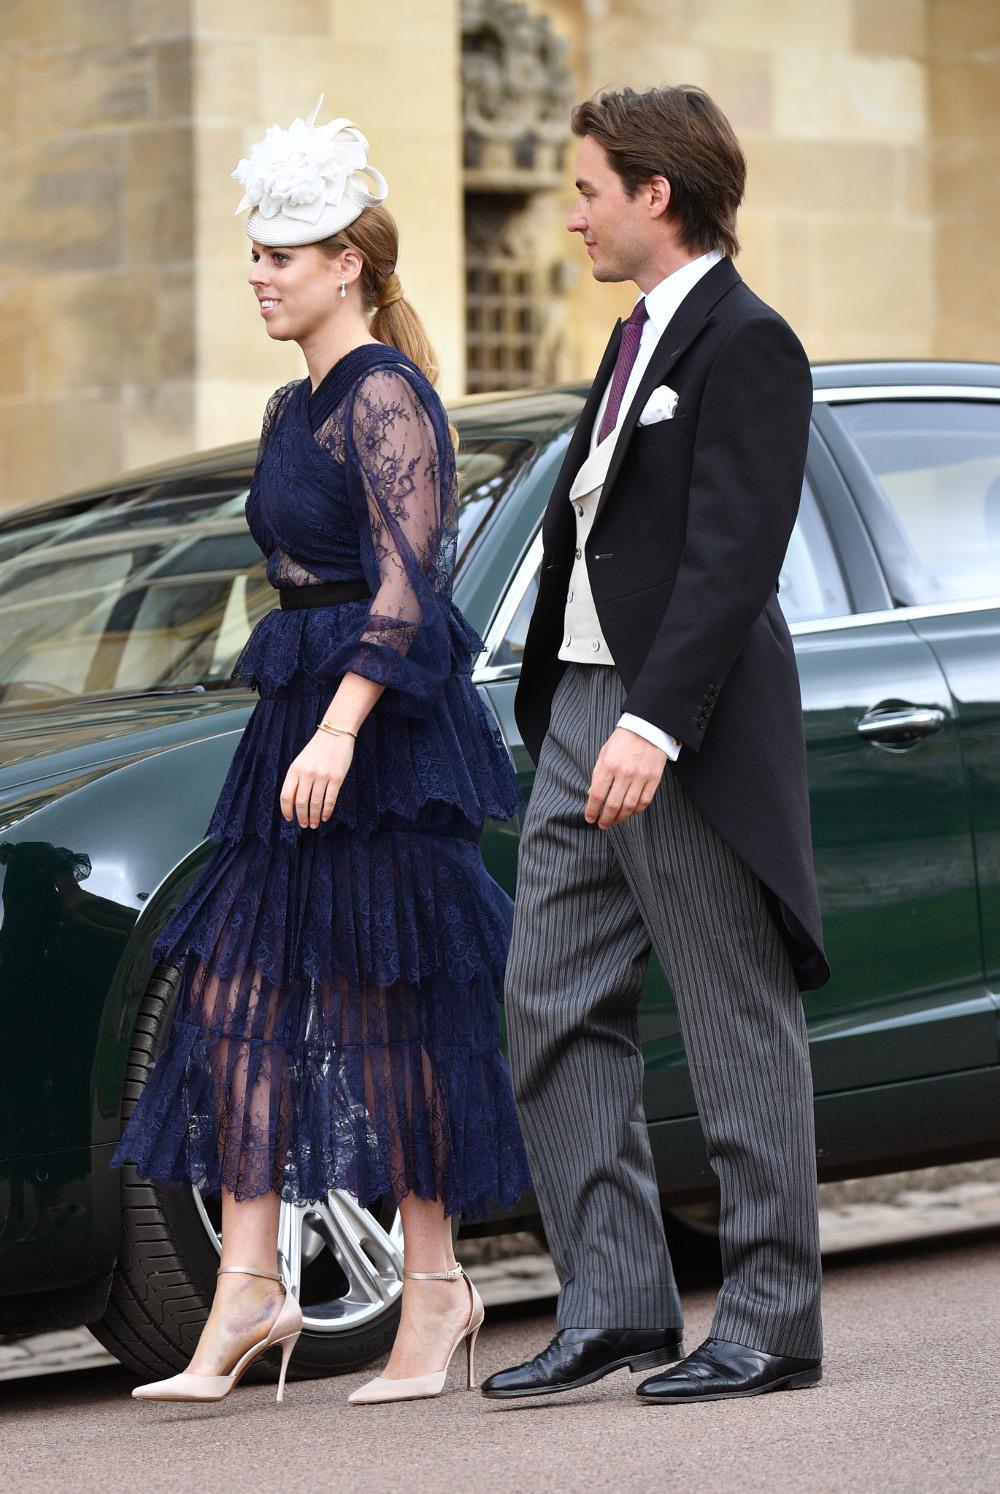 Η επόμενη επίσημη δημόσια εμφάνιση ήταν στον βασιλικό γάμο της λαίδης Γκαμπριέλα Γουίνδσορ